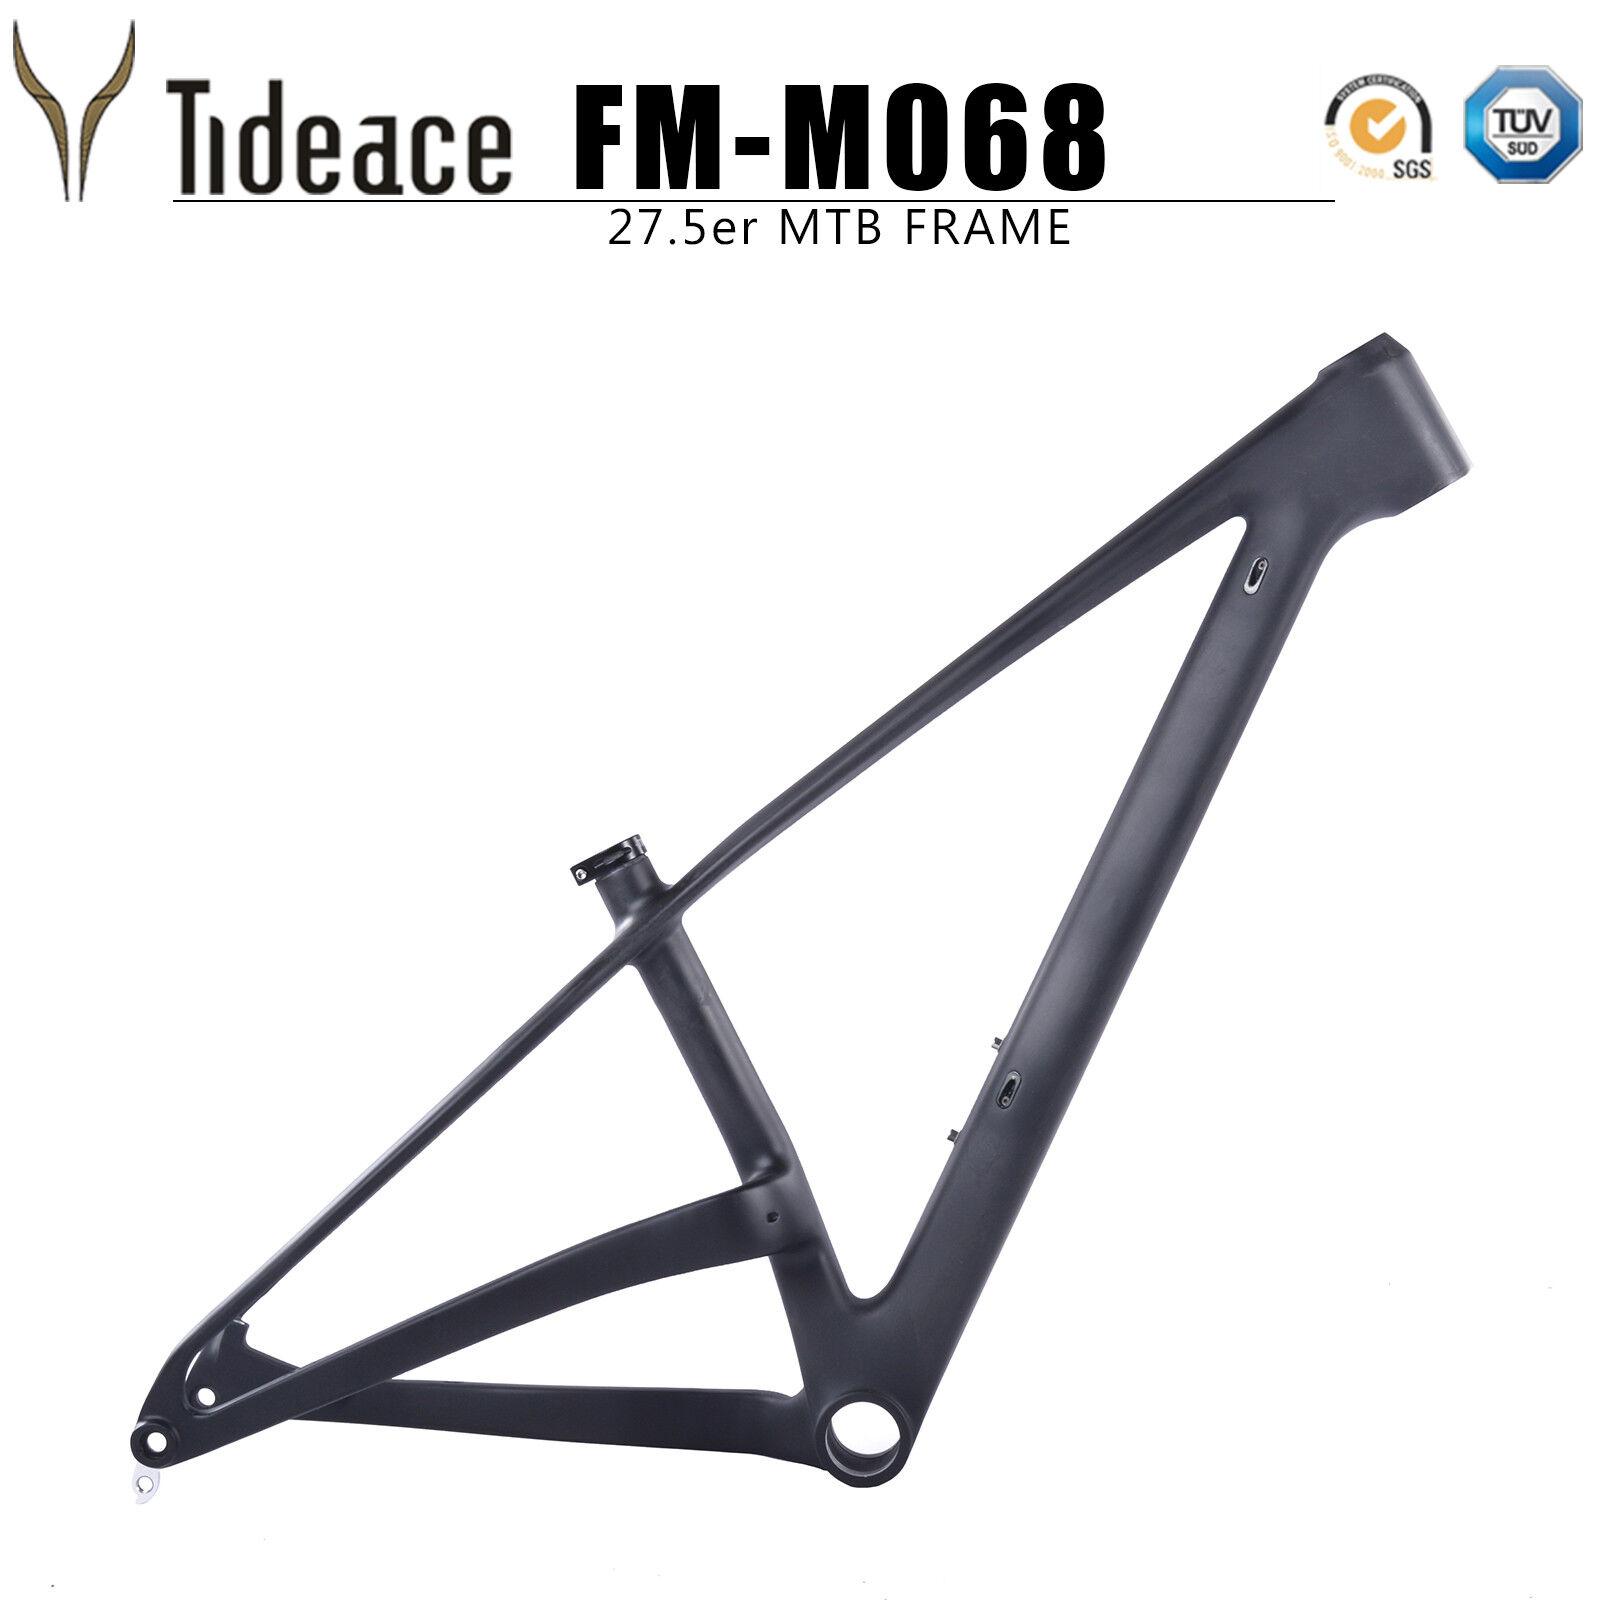 650b Aero carbon fiber mountain bike fotogramas 27.5er pf30 MTB Bicycle Frameset OEM